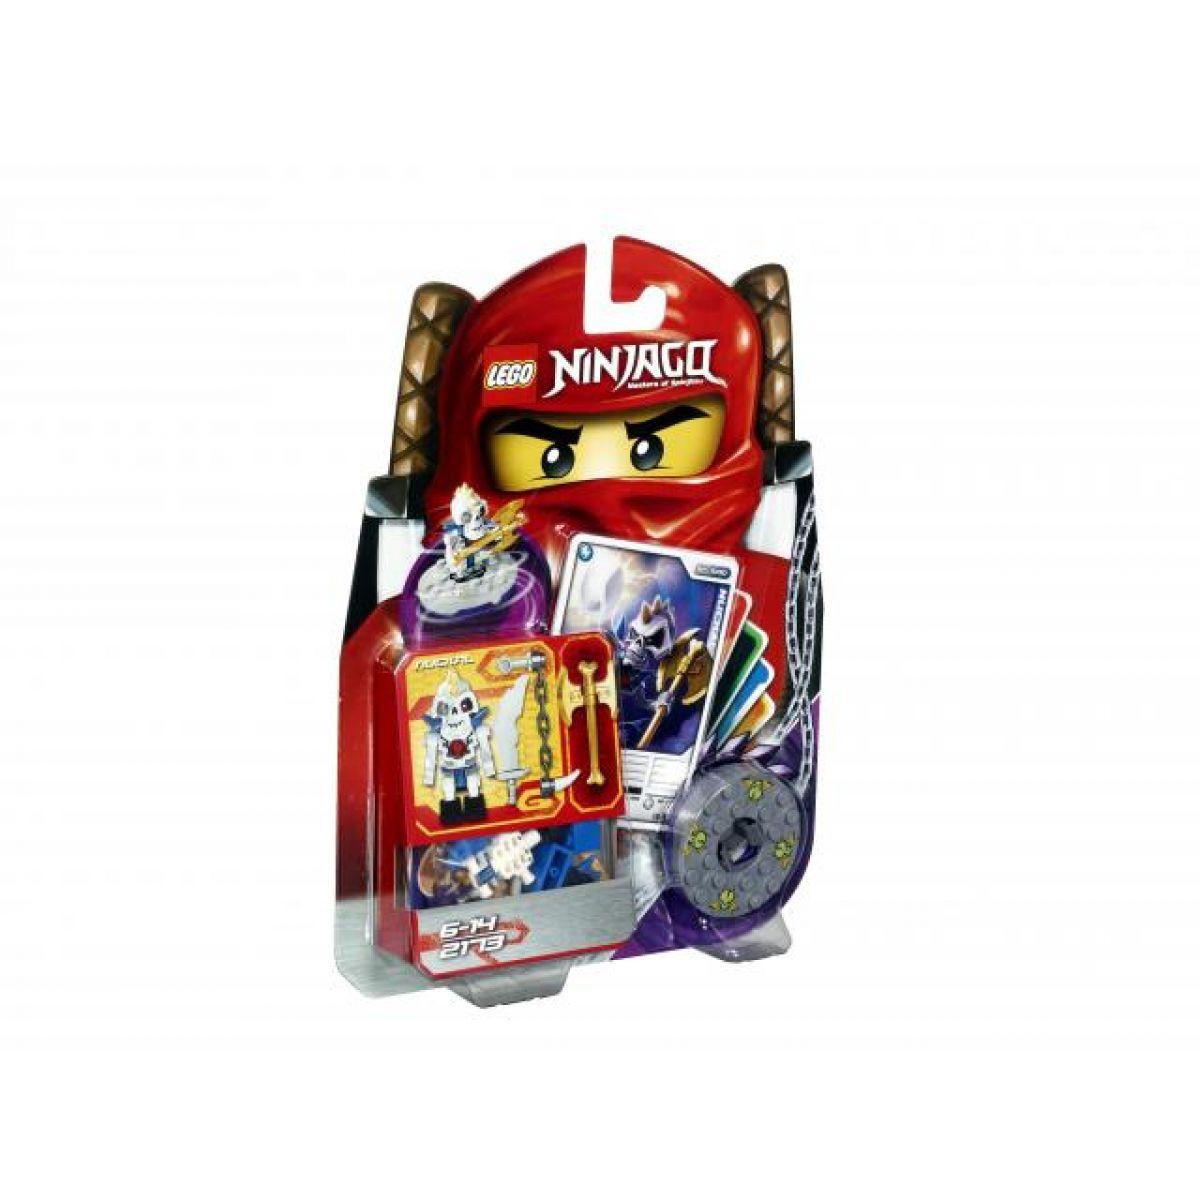 LEGO 2173 Ninjago Nuckal